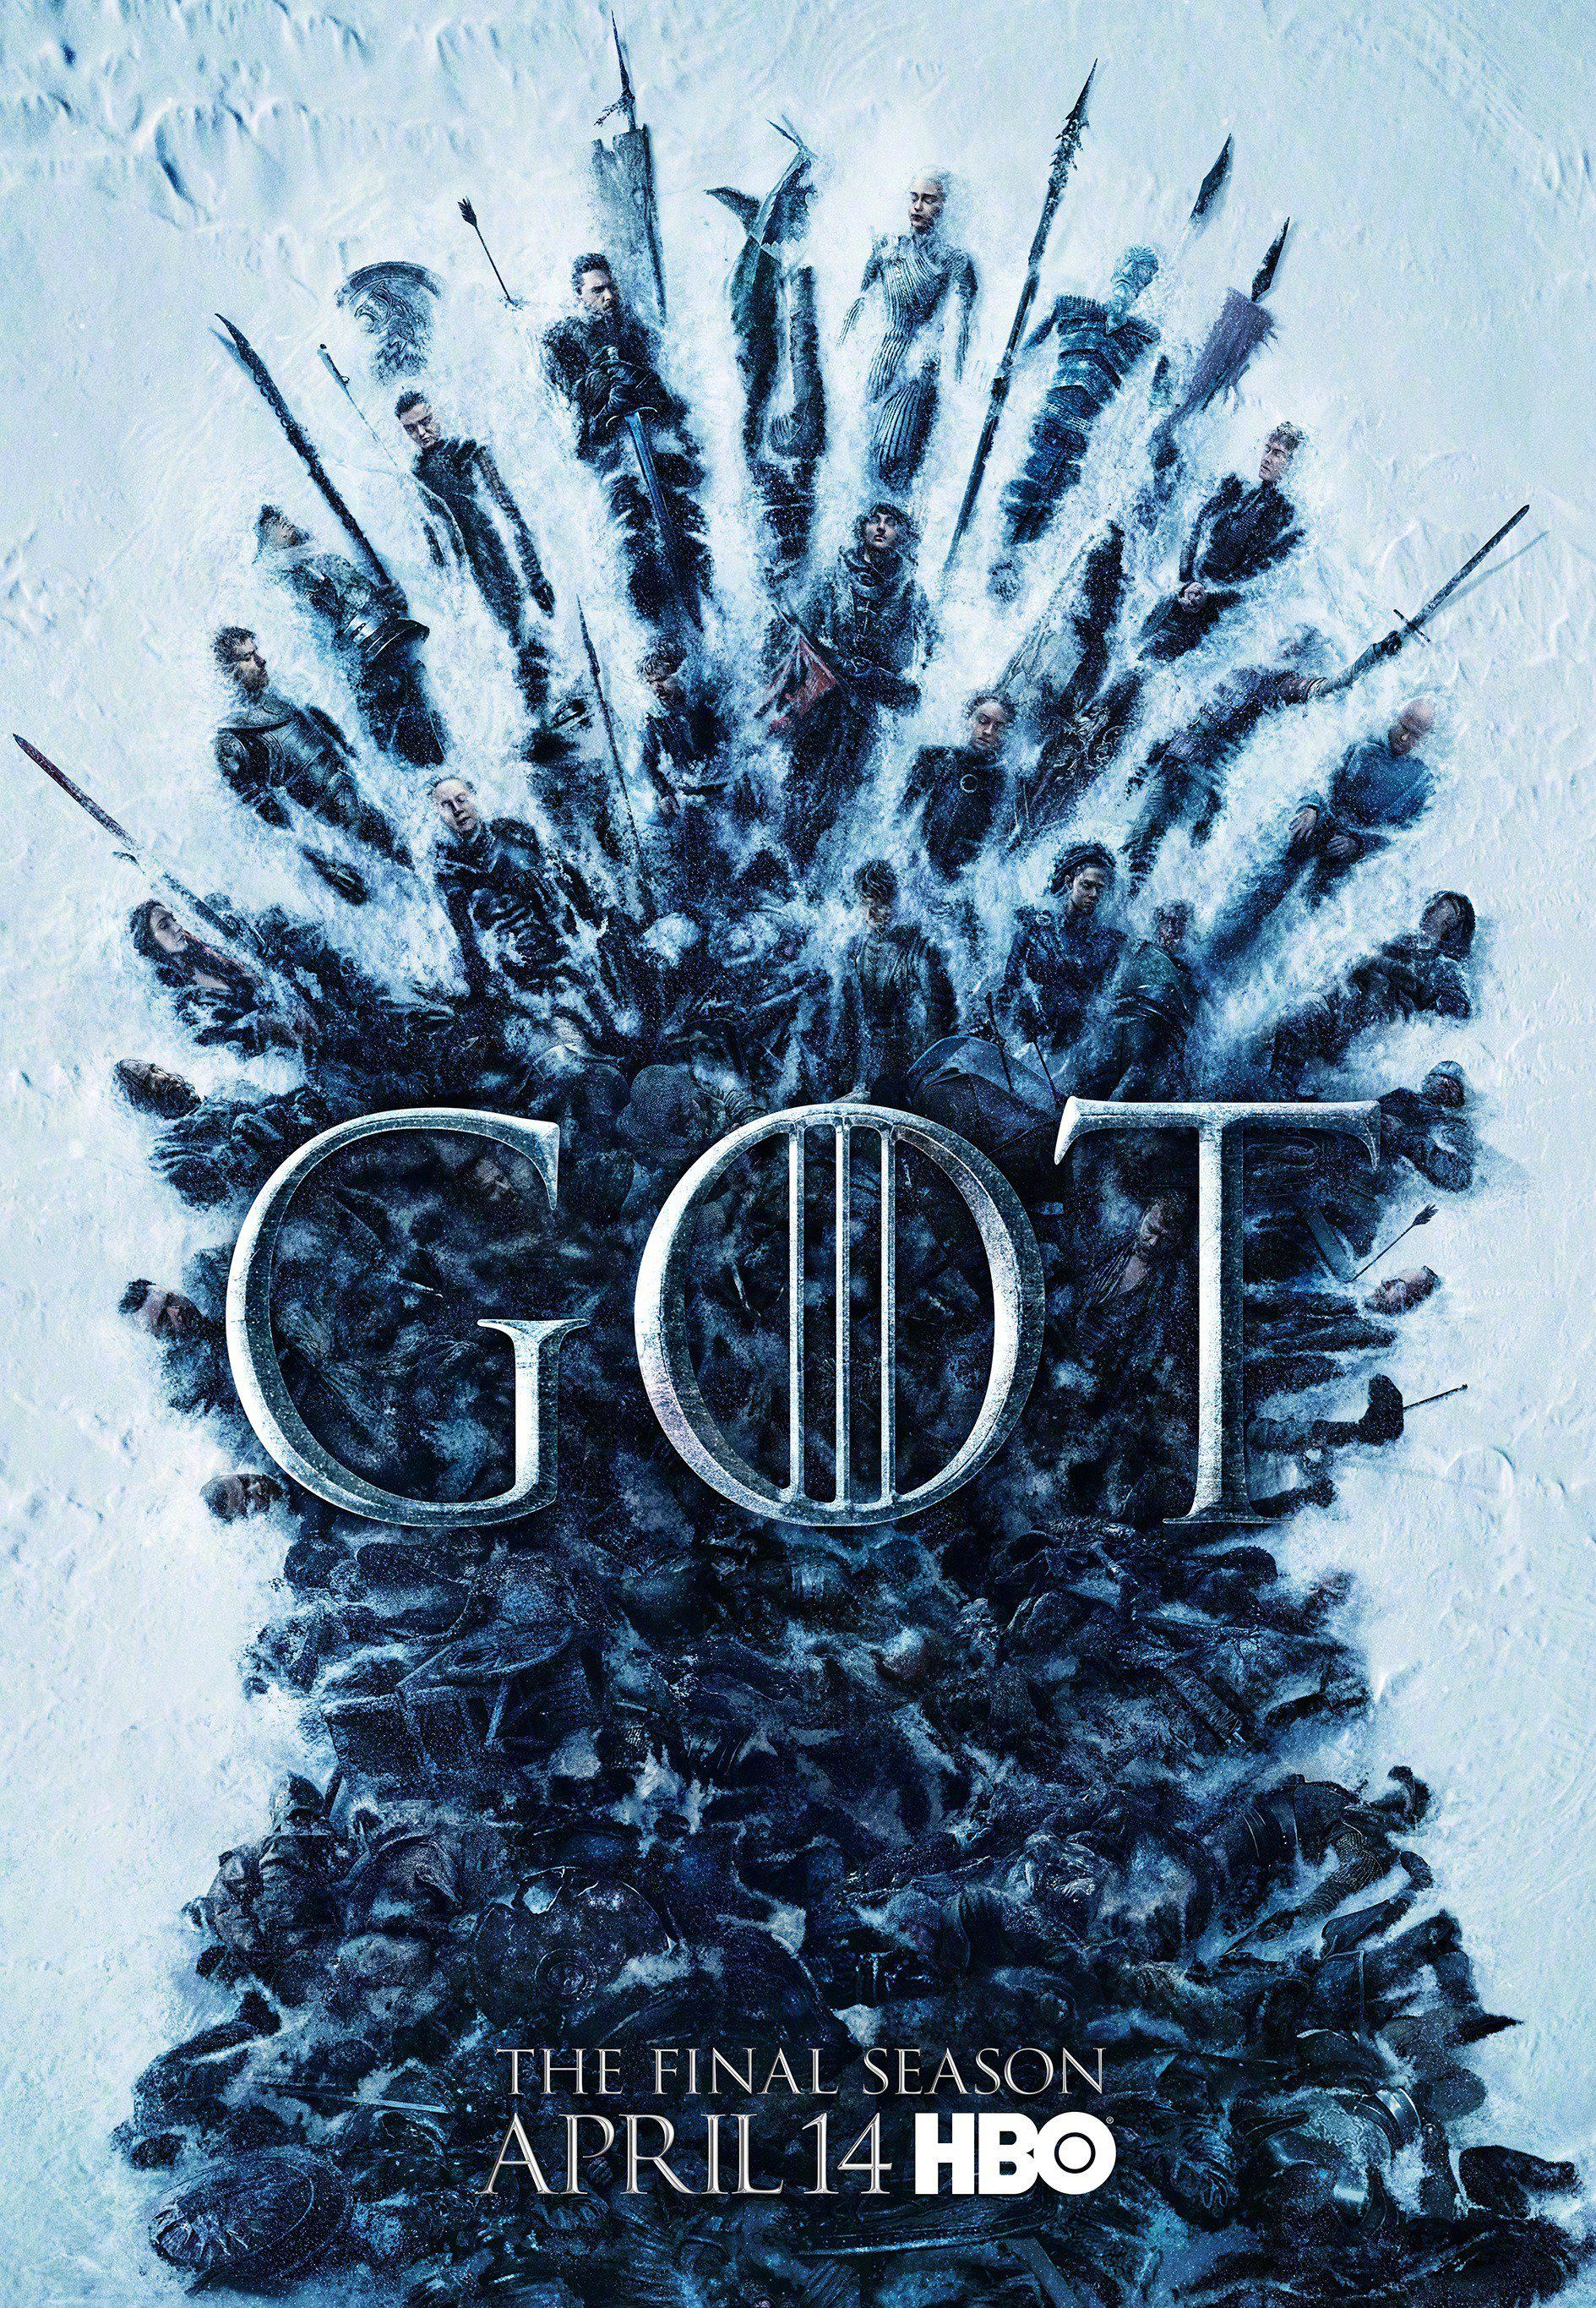 《权力的游戏》最终季海报全体冰封,都最后一季了,谁死也不用意外了....